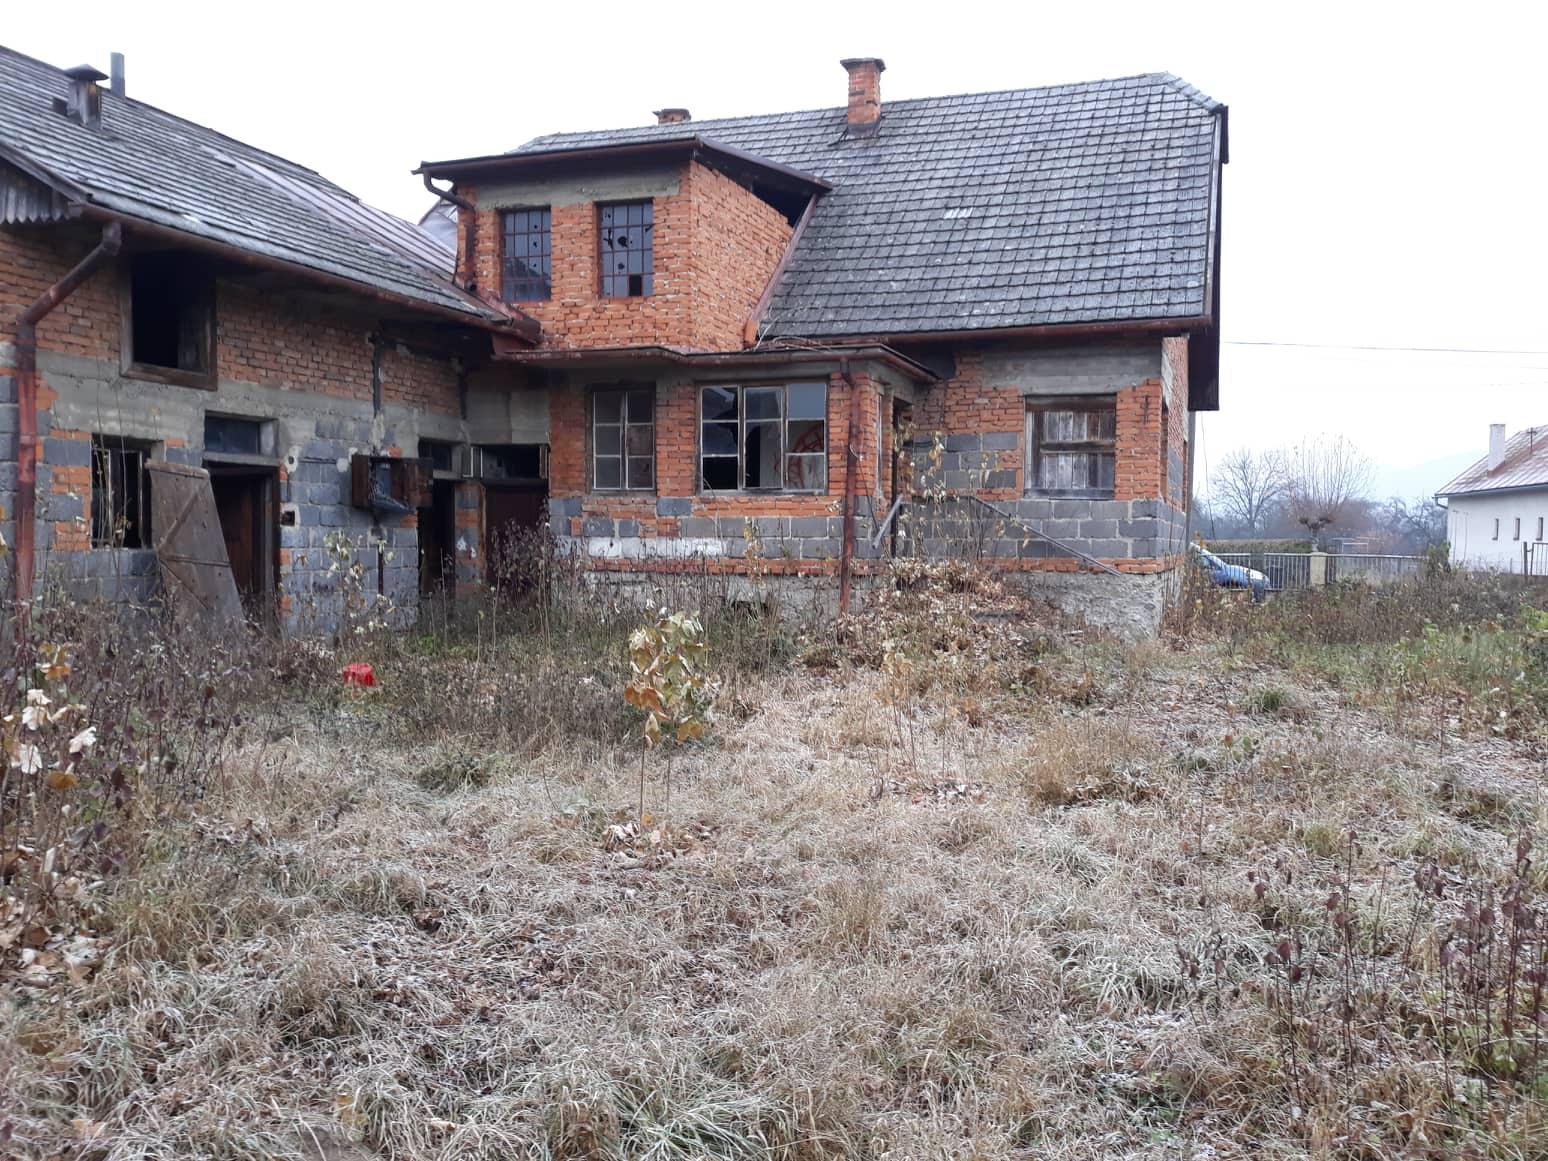 Rekonštrukcia domu-alebo chceme si splniť sen =》🏠🌻🌼🐶  mat domcek a vratit sa na Slovensko - pohlad z dvora na dom a na pristavbu